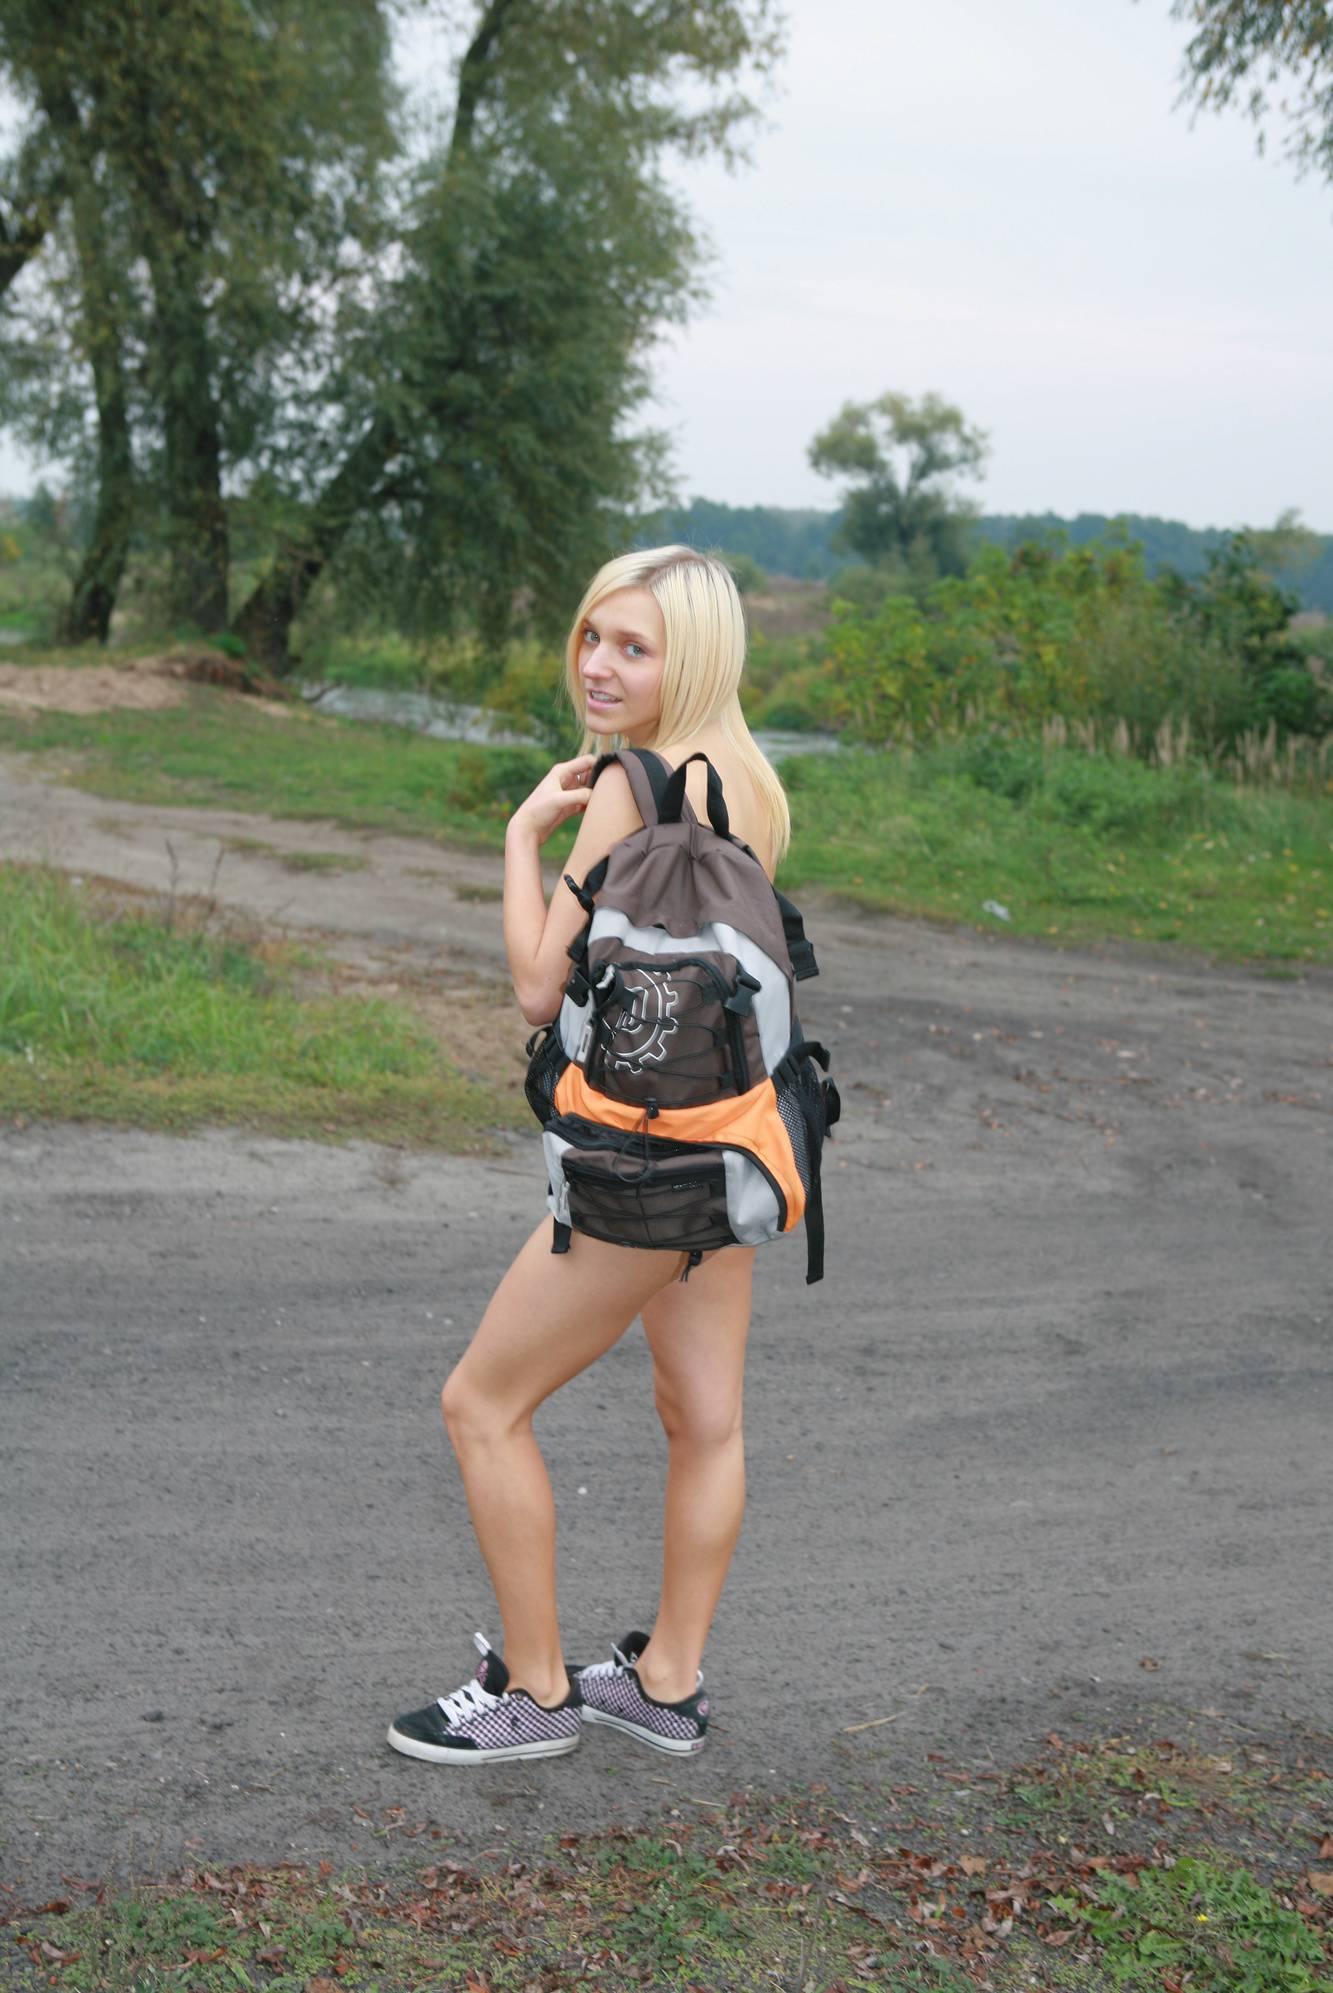 Jess' College Bike Walk - 2